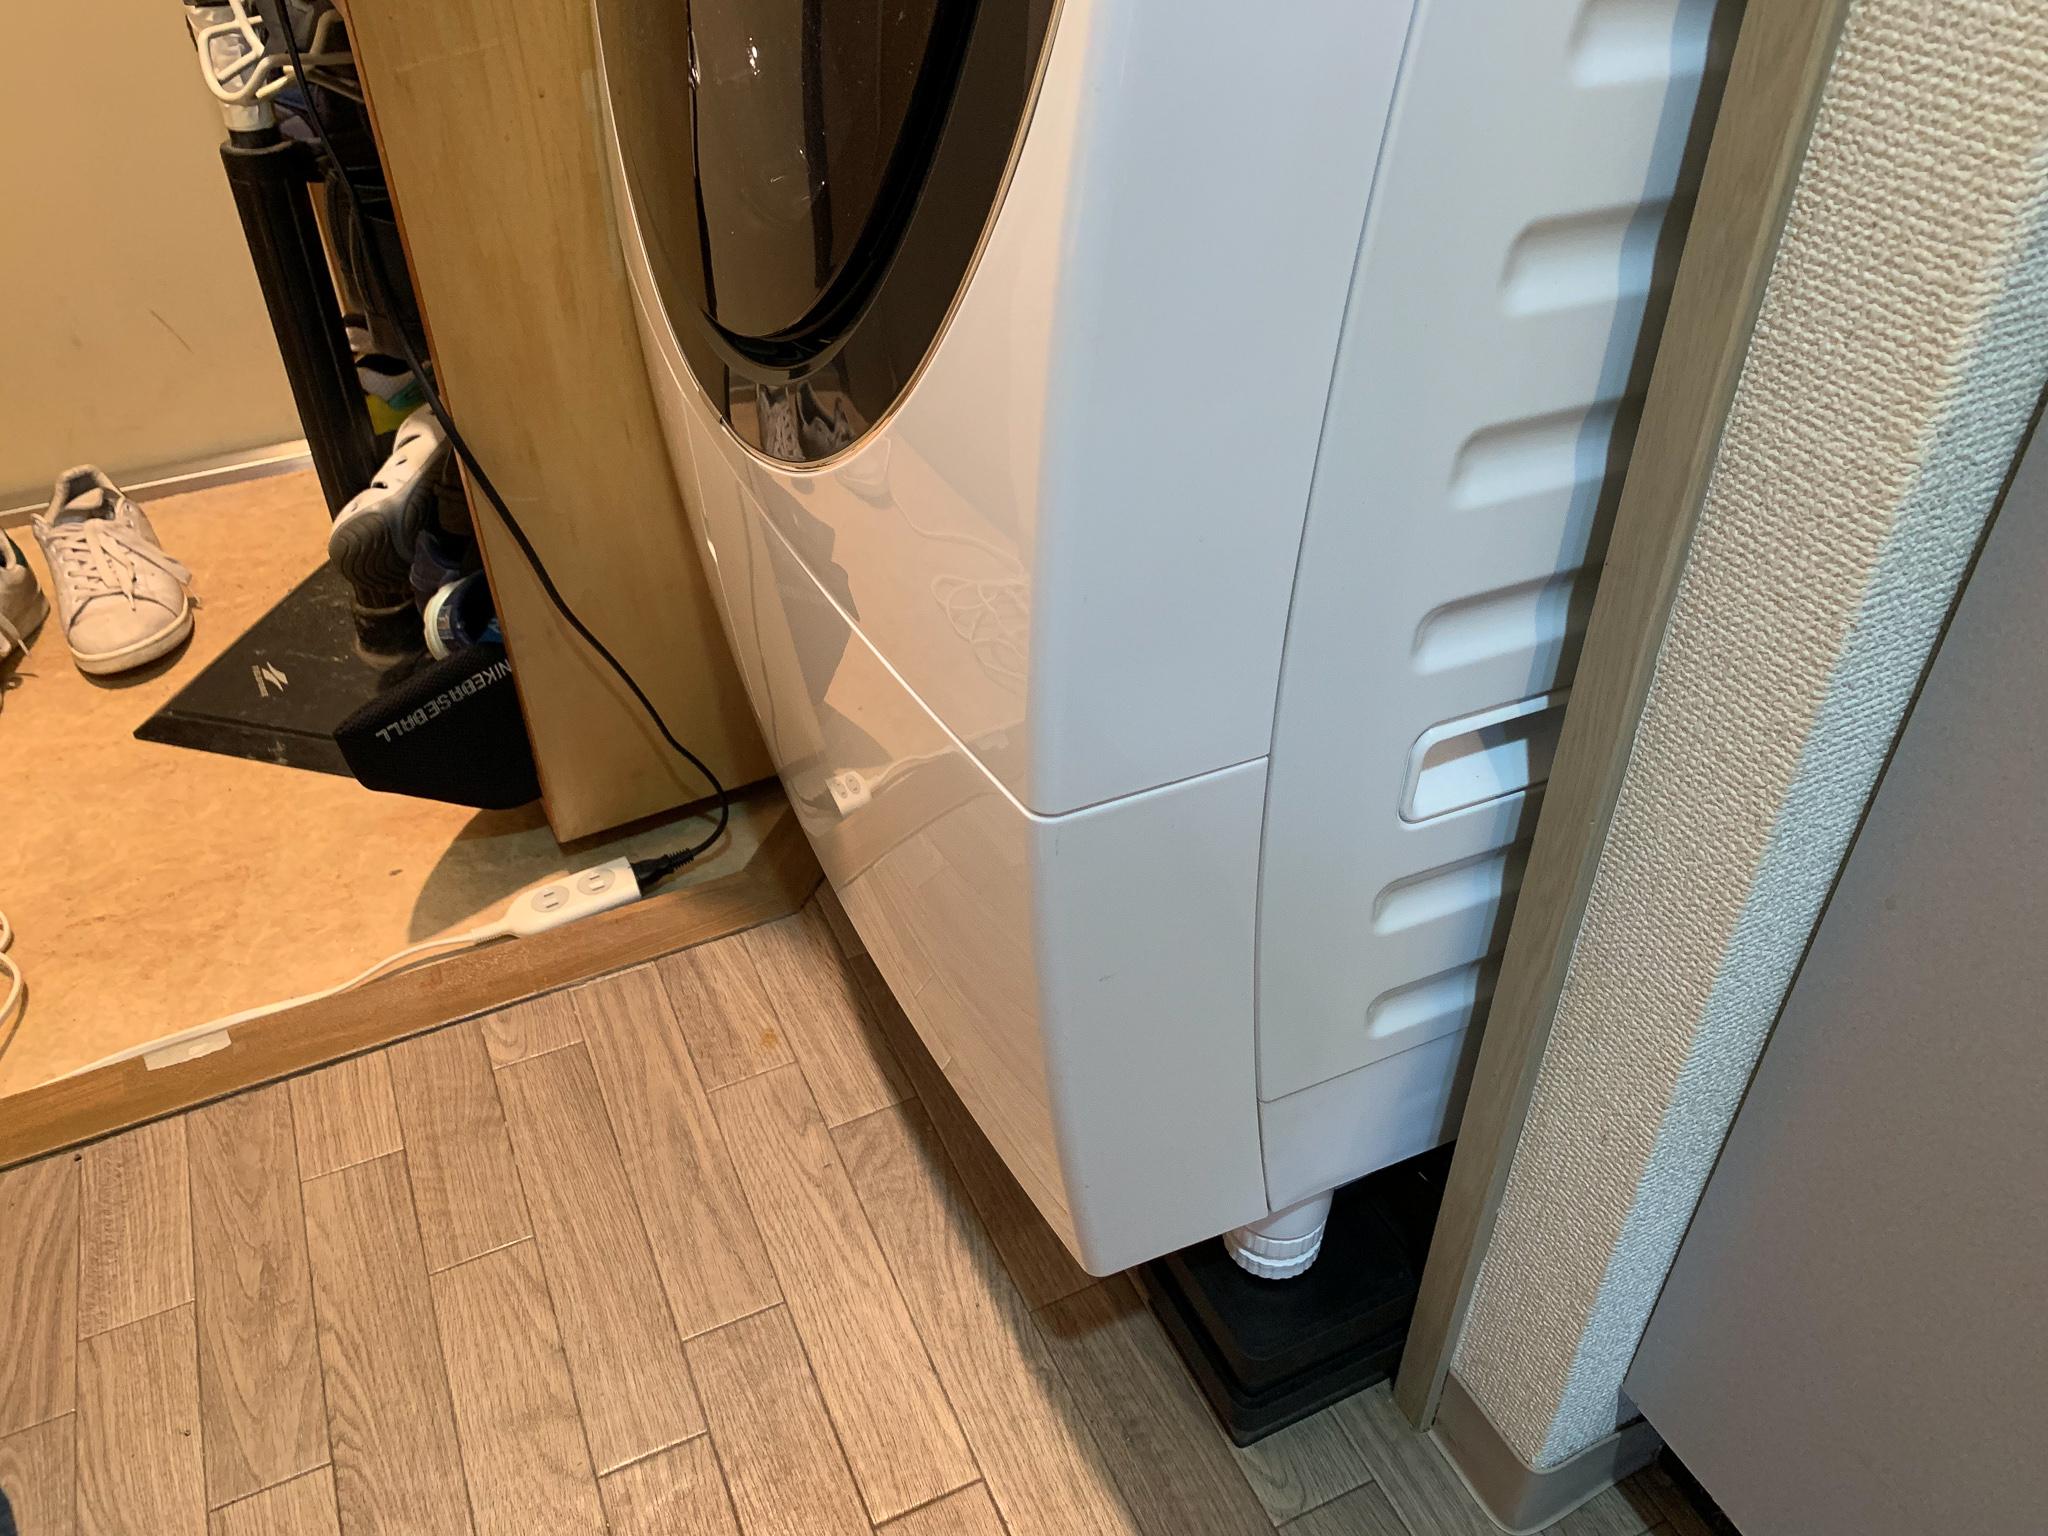 洗濯機置きスペースからはみ出ているドラム式洗濯機